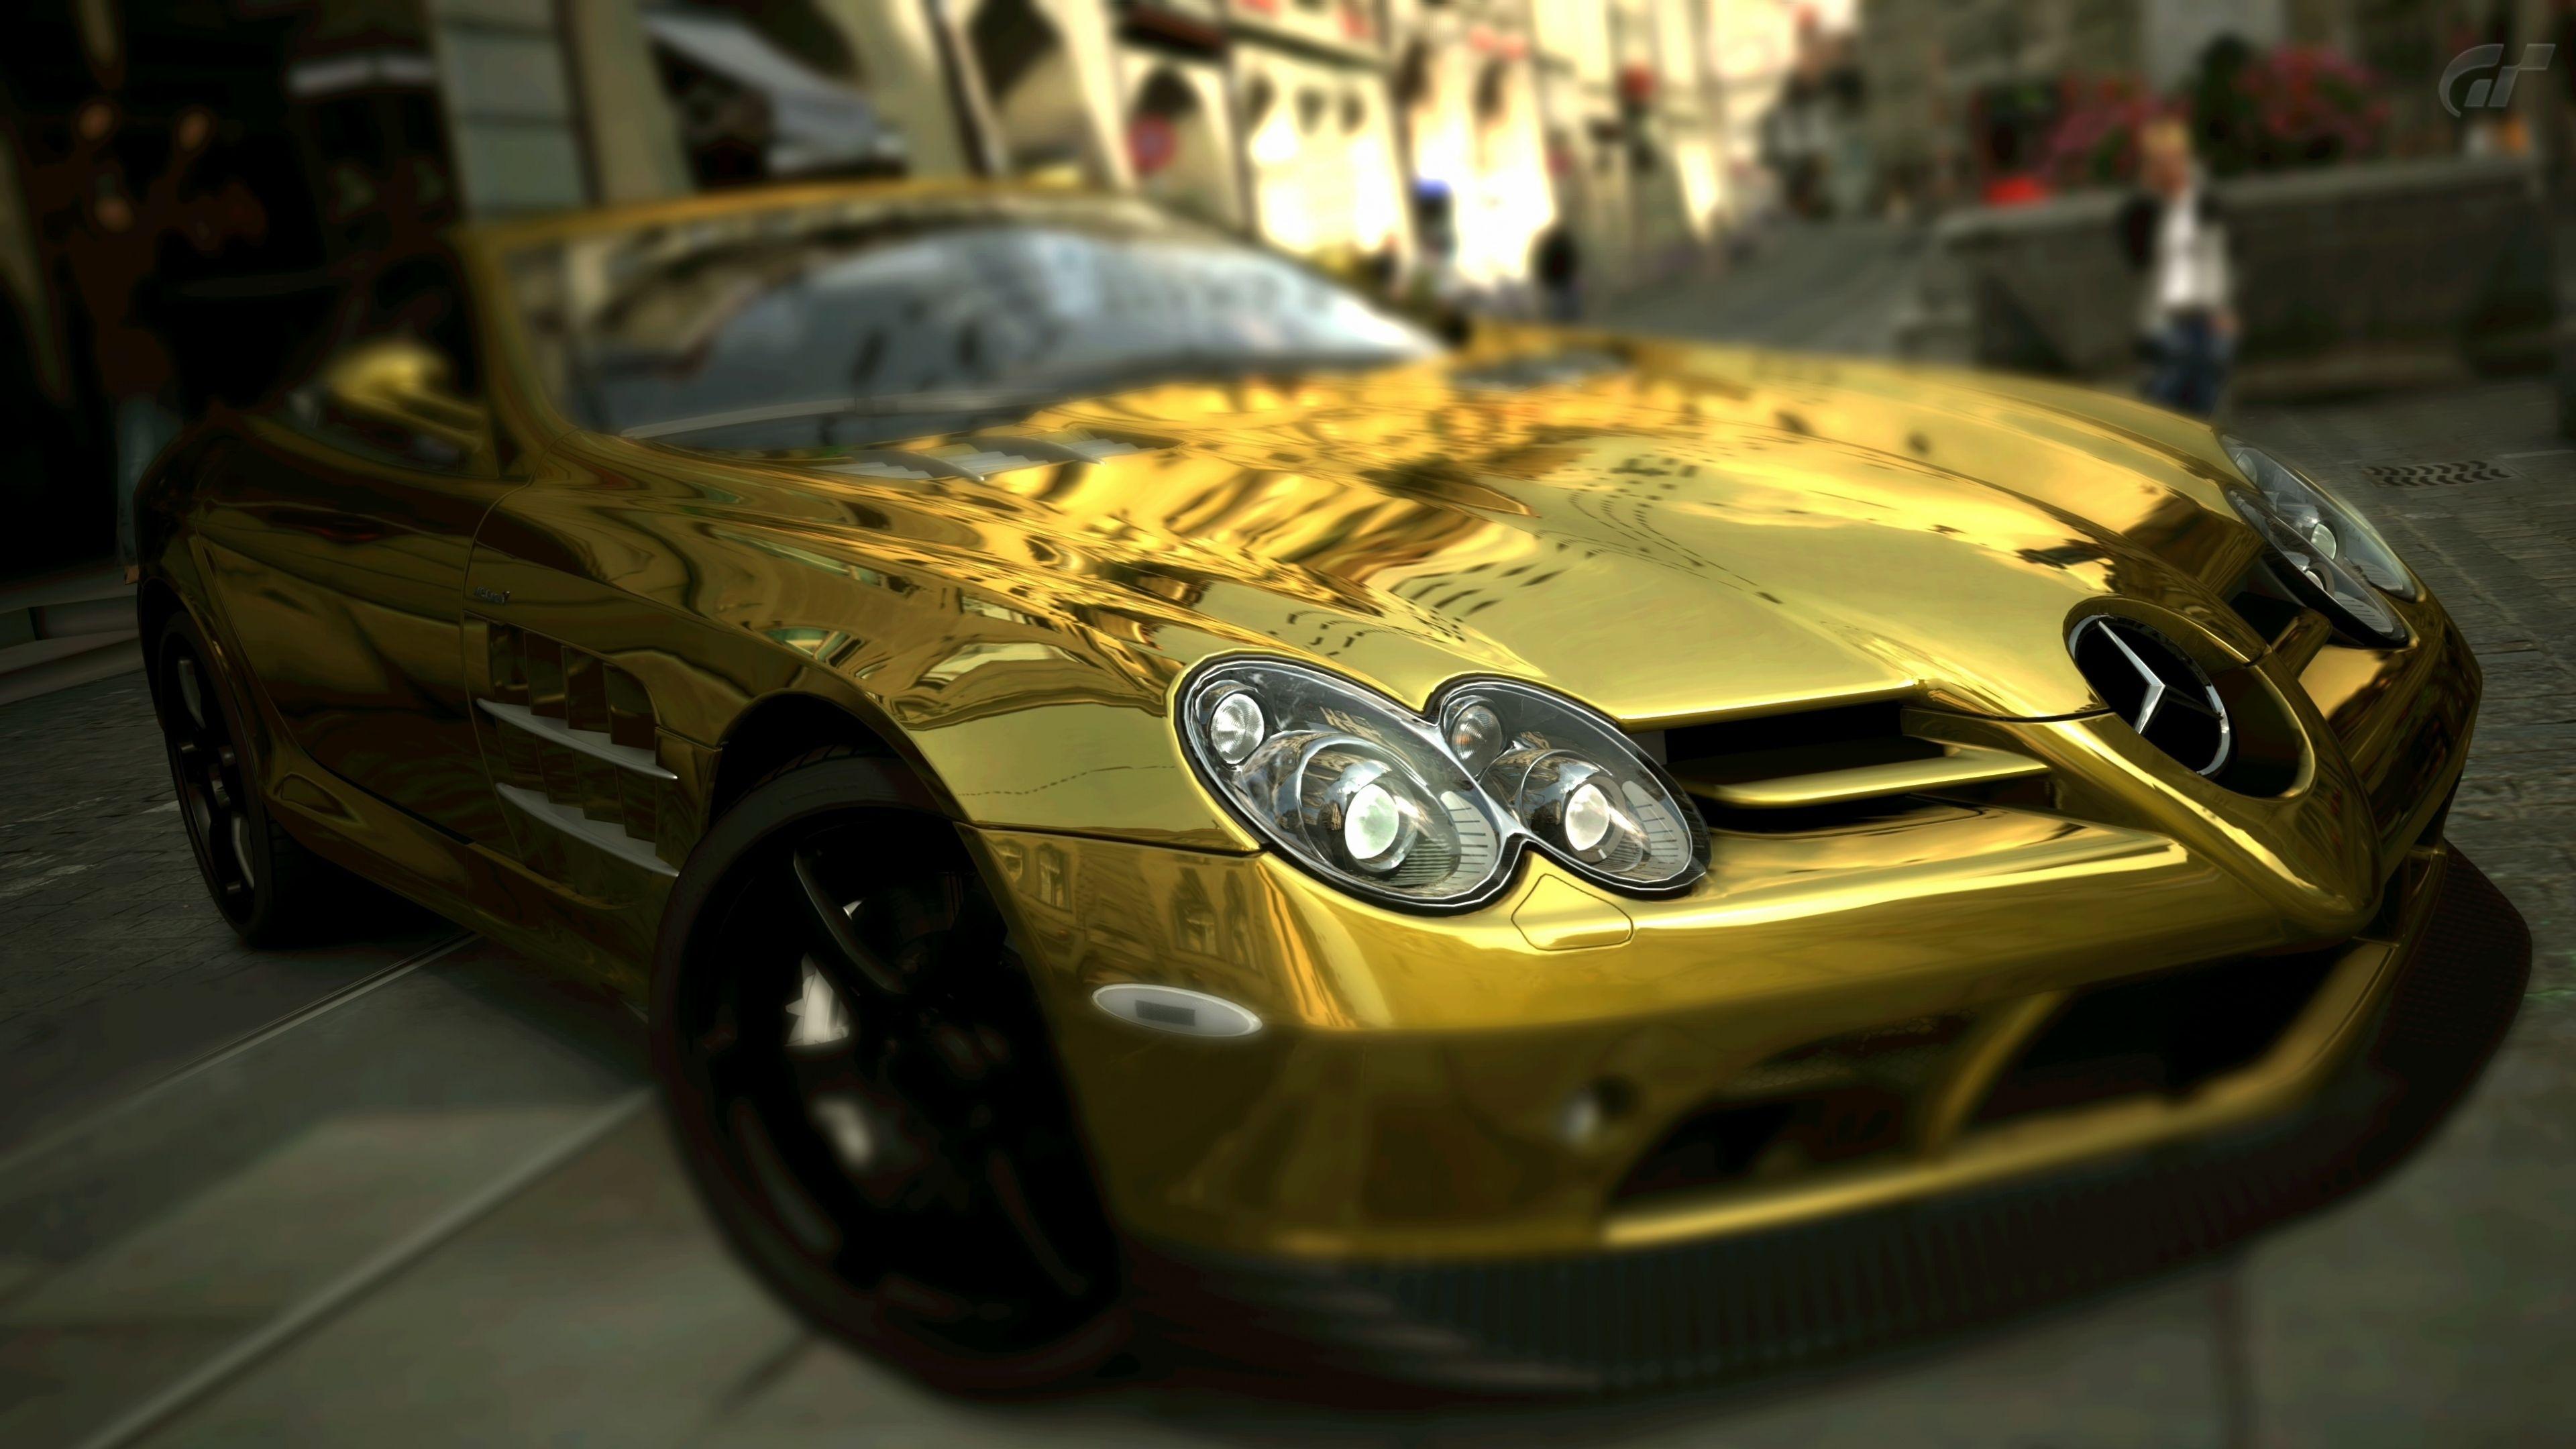 Mercedes Benz Slr Mclaren Gold Wallpaper Mercedes Slr Mclaren